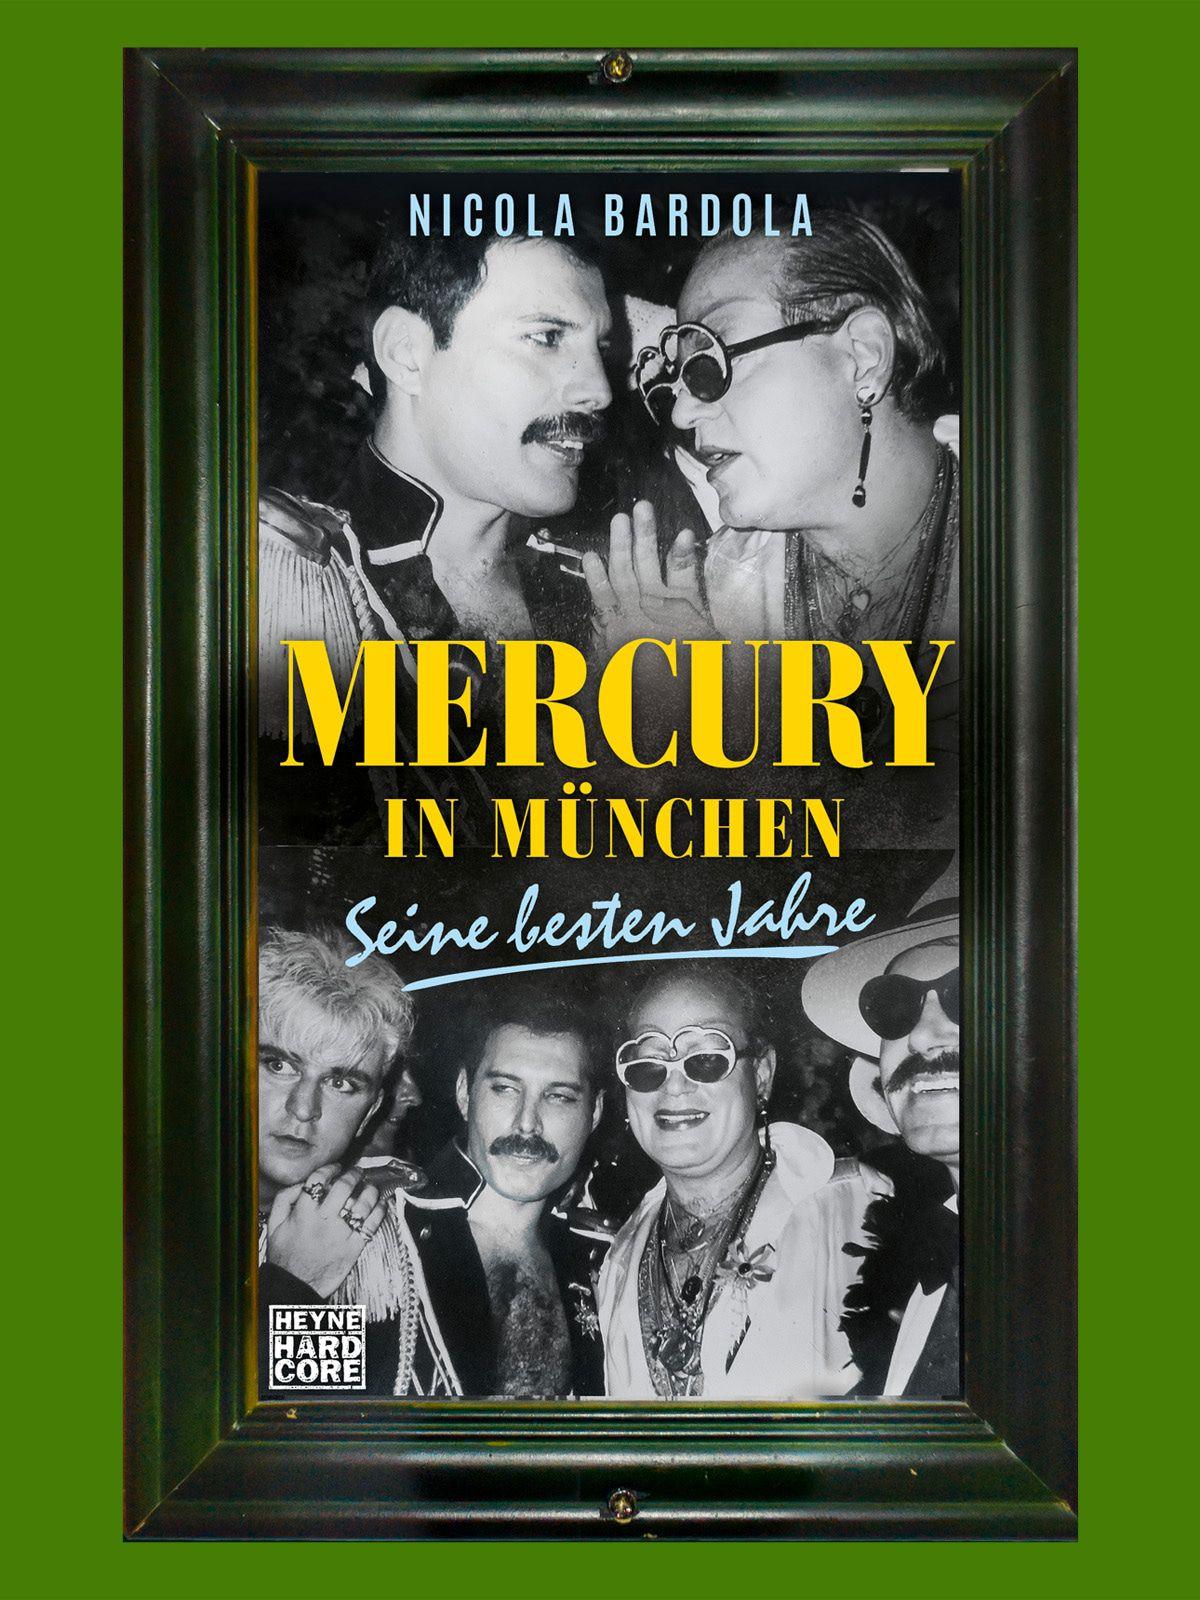 """Neues Freddie Mercury Buch schildert """"Seine besten Jahre"""" in München"""